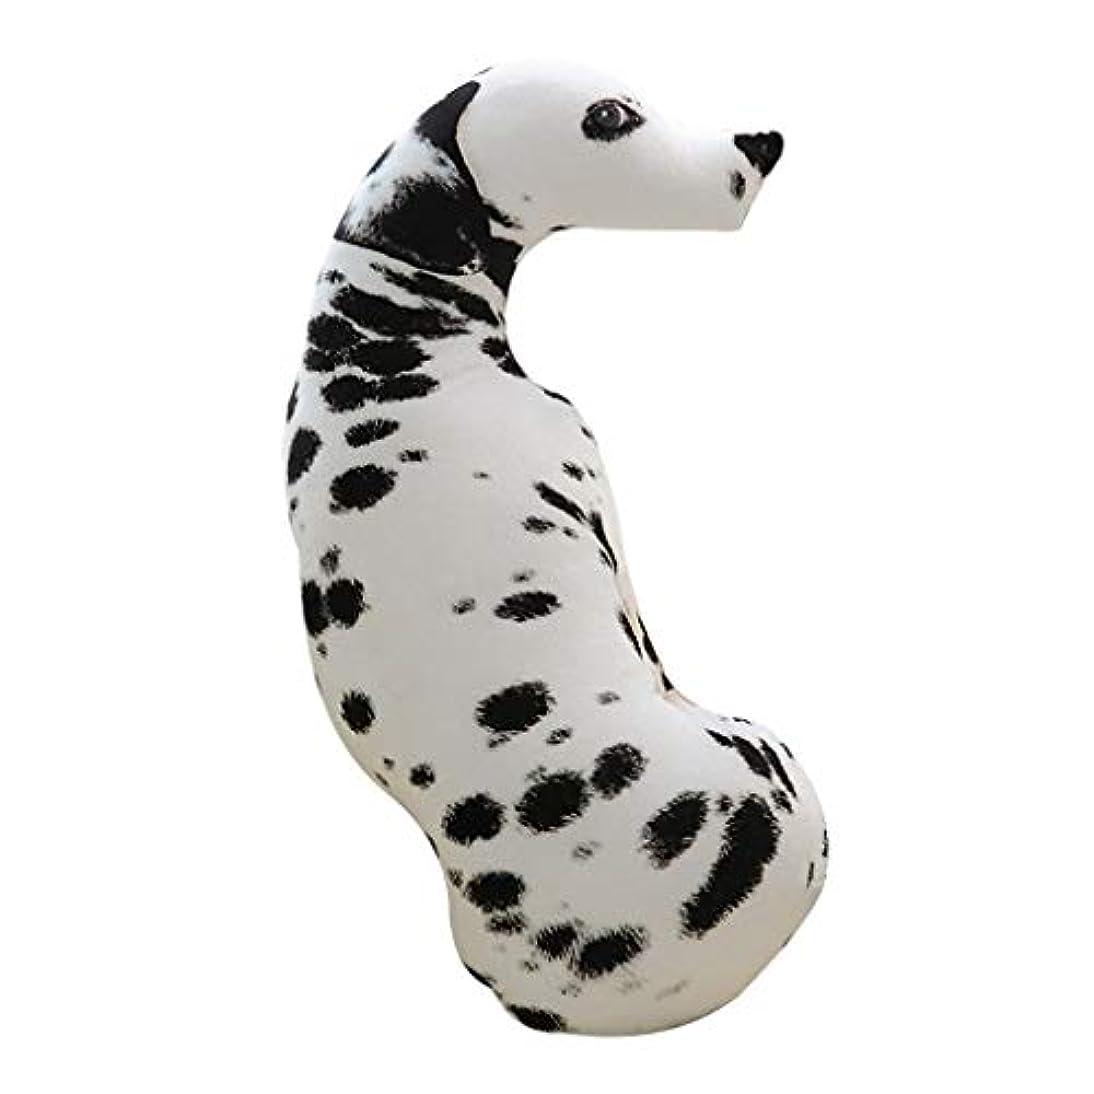 診断する荒涼としたカールLIFE 装飾クッションソファおかしい 3D 犬印刷スロー枕創造クッションかわいいぬいぐるみギフト家の装飾 coussin decoratif クッション 椅子